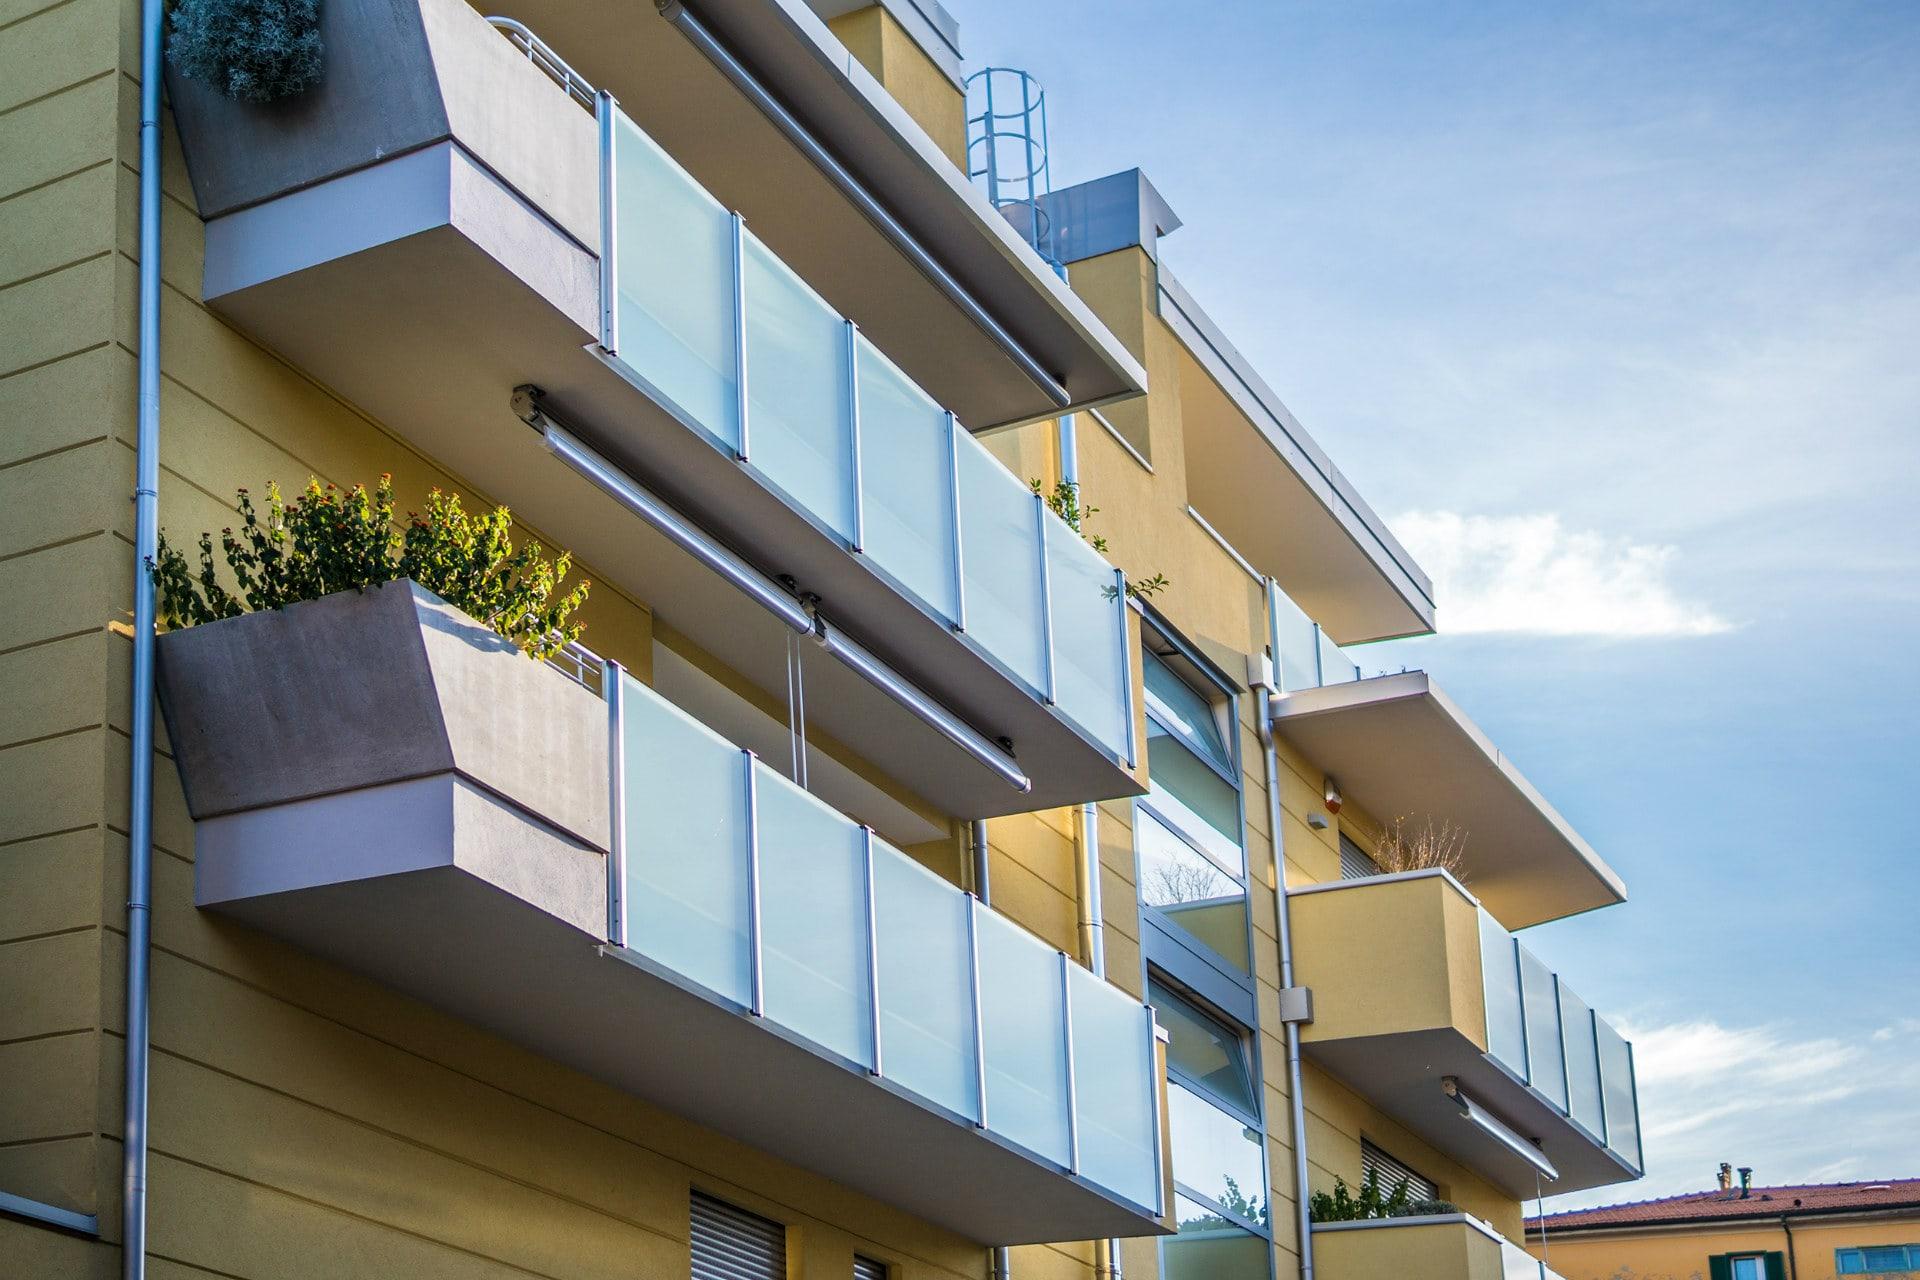 Mrinox è lo specialista del settore nel design e nella realizzazione di ringhiere acciaio di ogni tipo, inclusa la produzione di parapetti in acciaio come soluzione alle diverse esigenze architettoniche. Ringhiere Moderne Parapetti E Balaustre In Alluminio